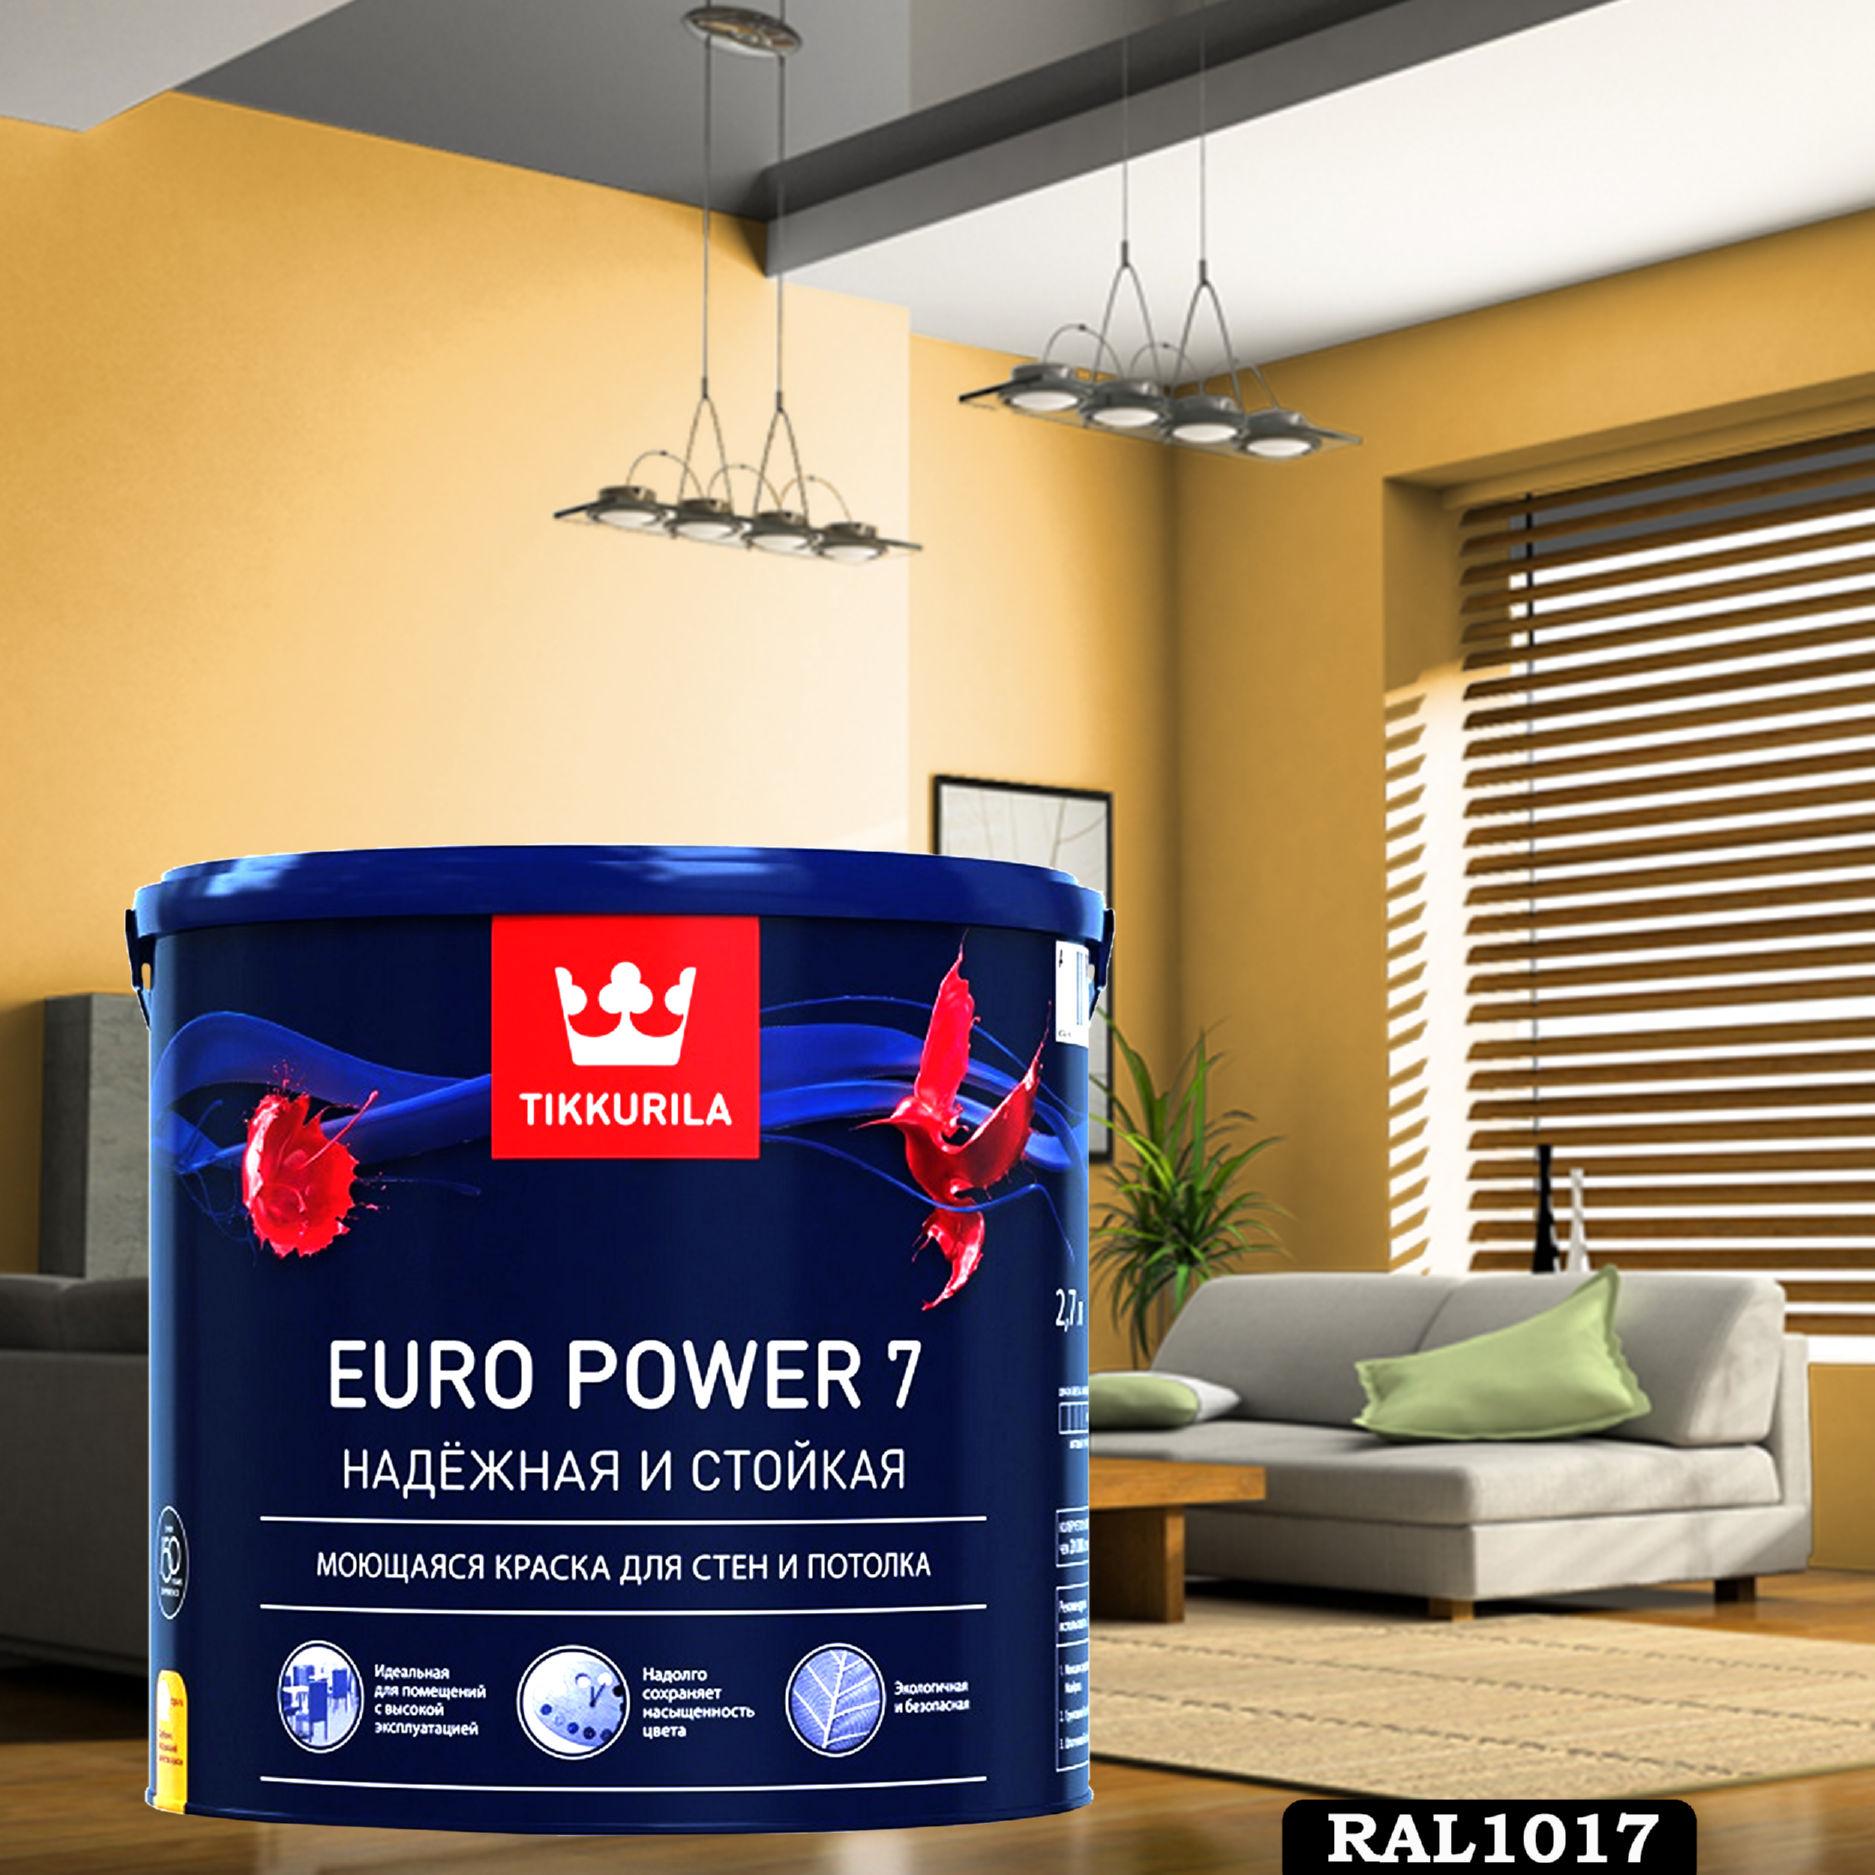 Фото 15 - Краска TIKKURILA Euro Power 7,  RAL 1017 Шафраново-жёлтый, латексная моющаяся матовая интерьерная, 9 л.